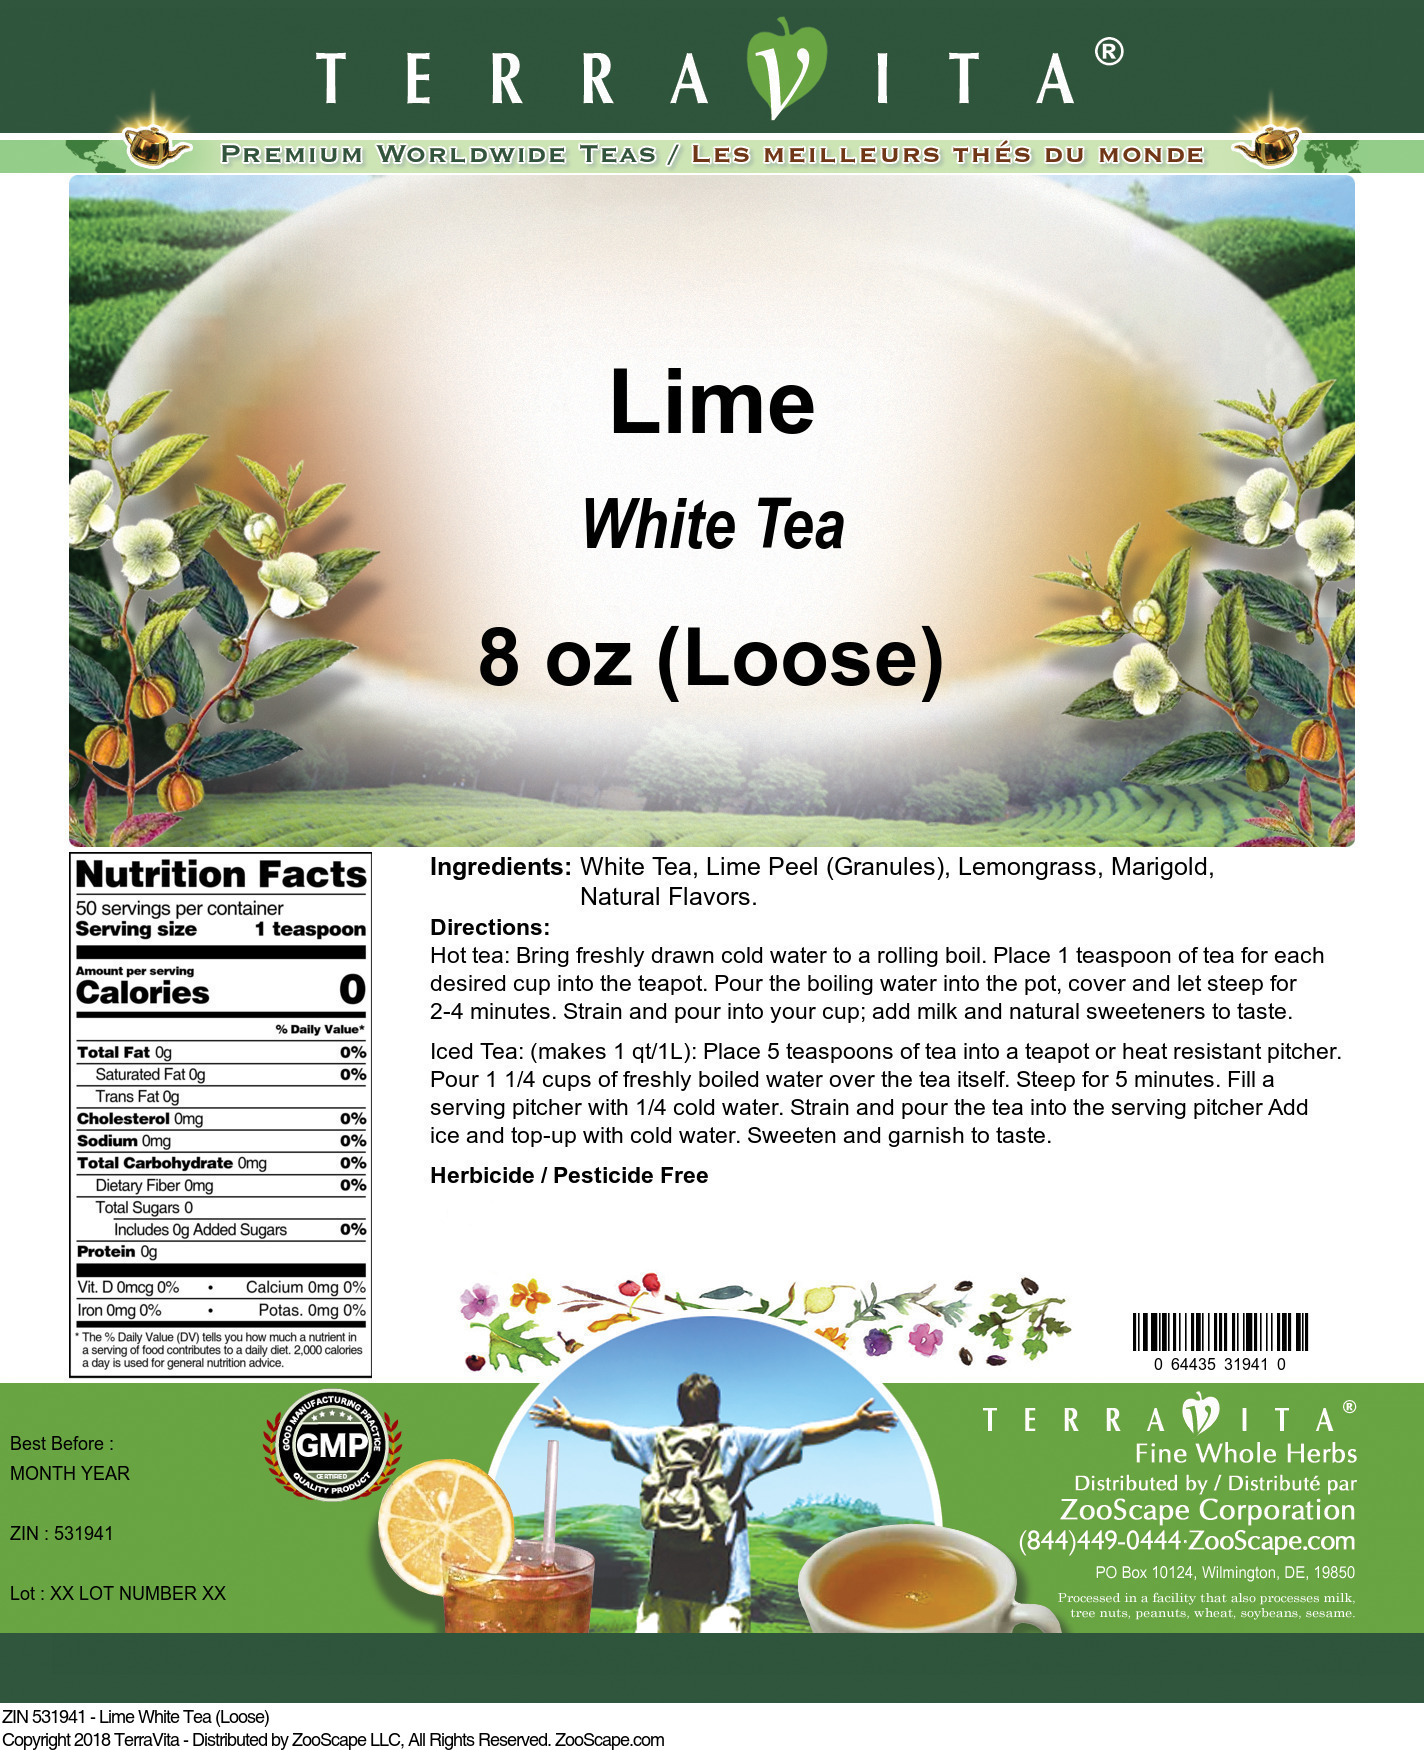 Lime White Tea